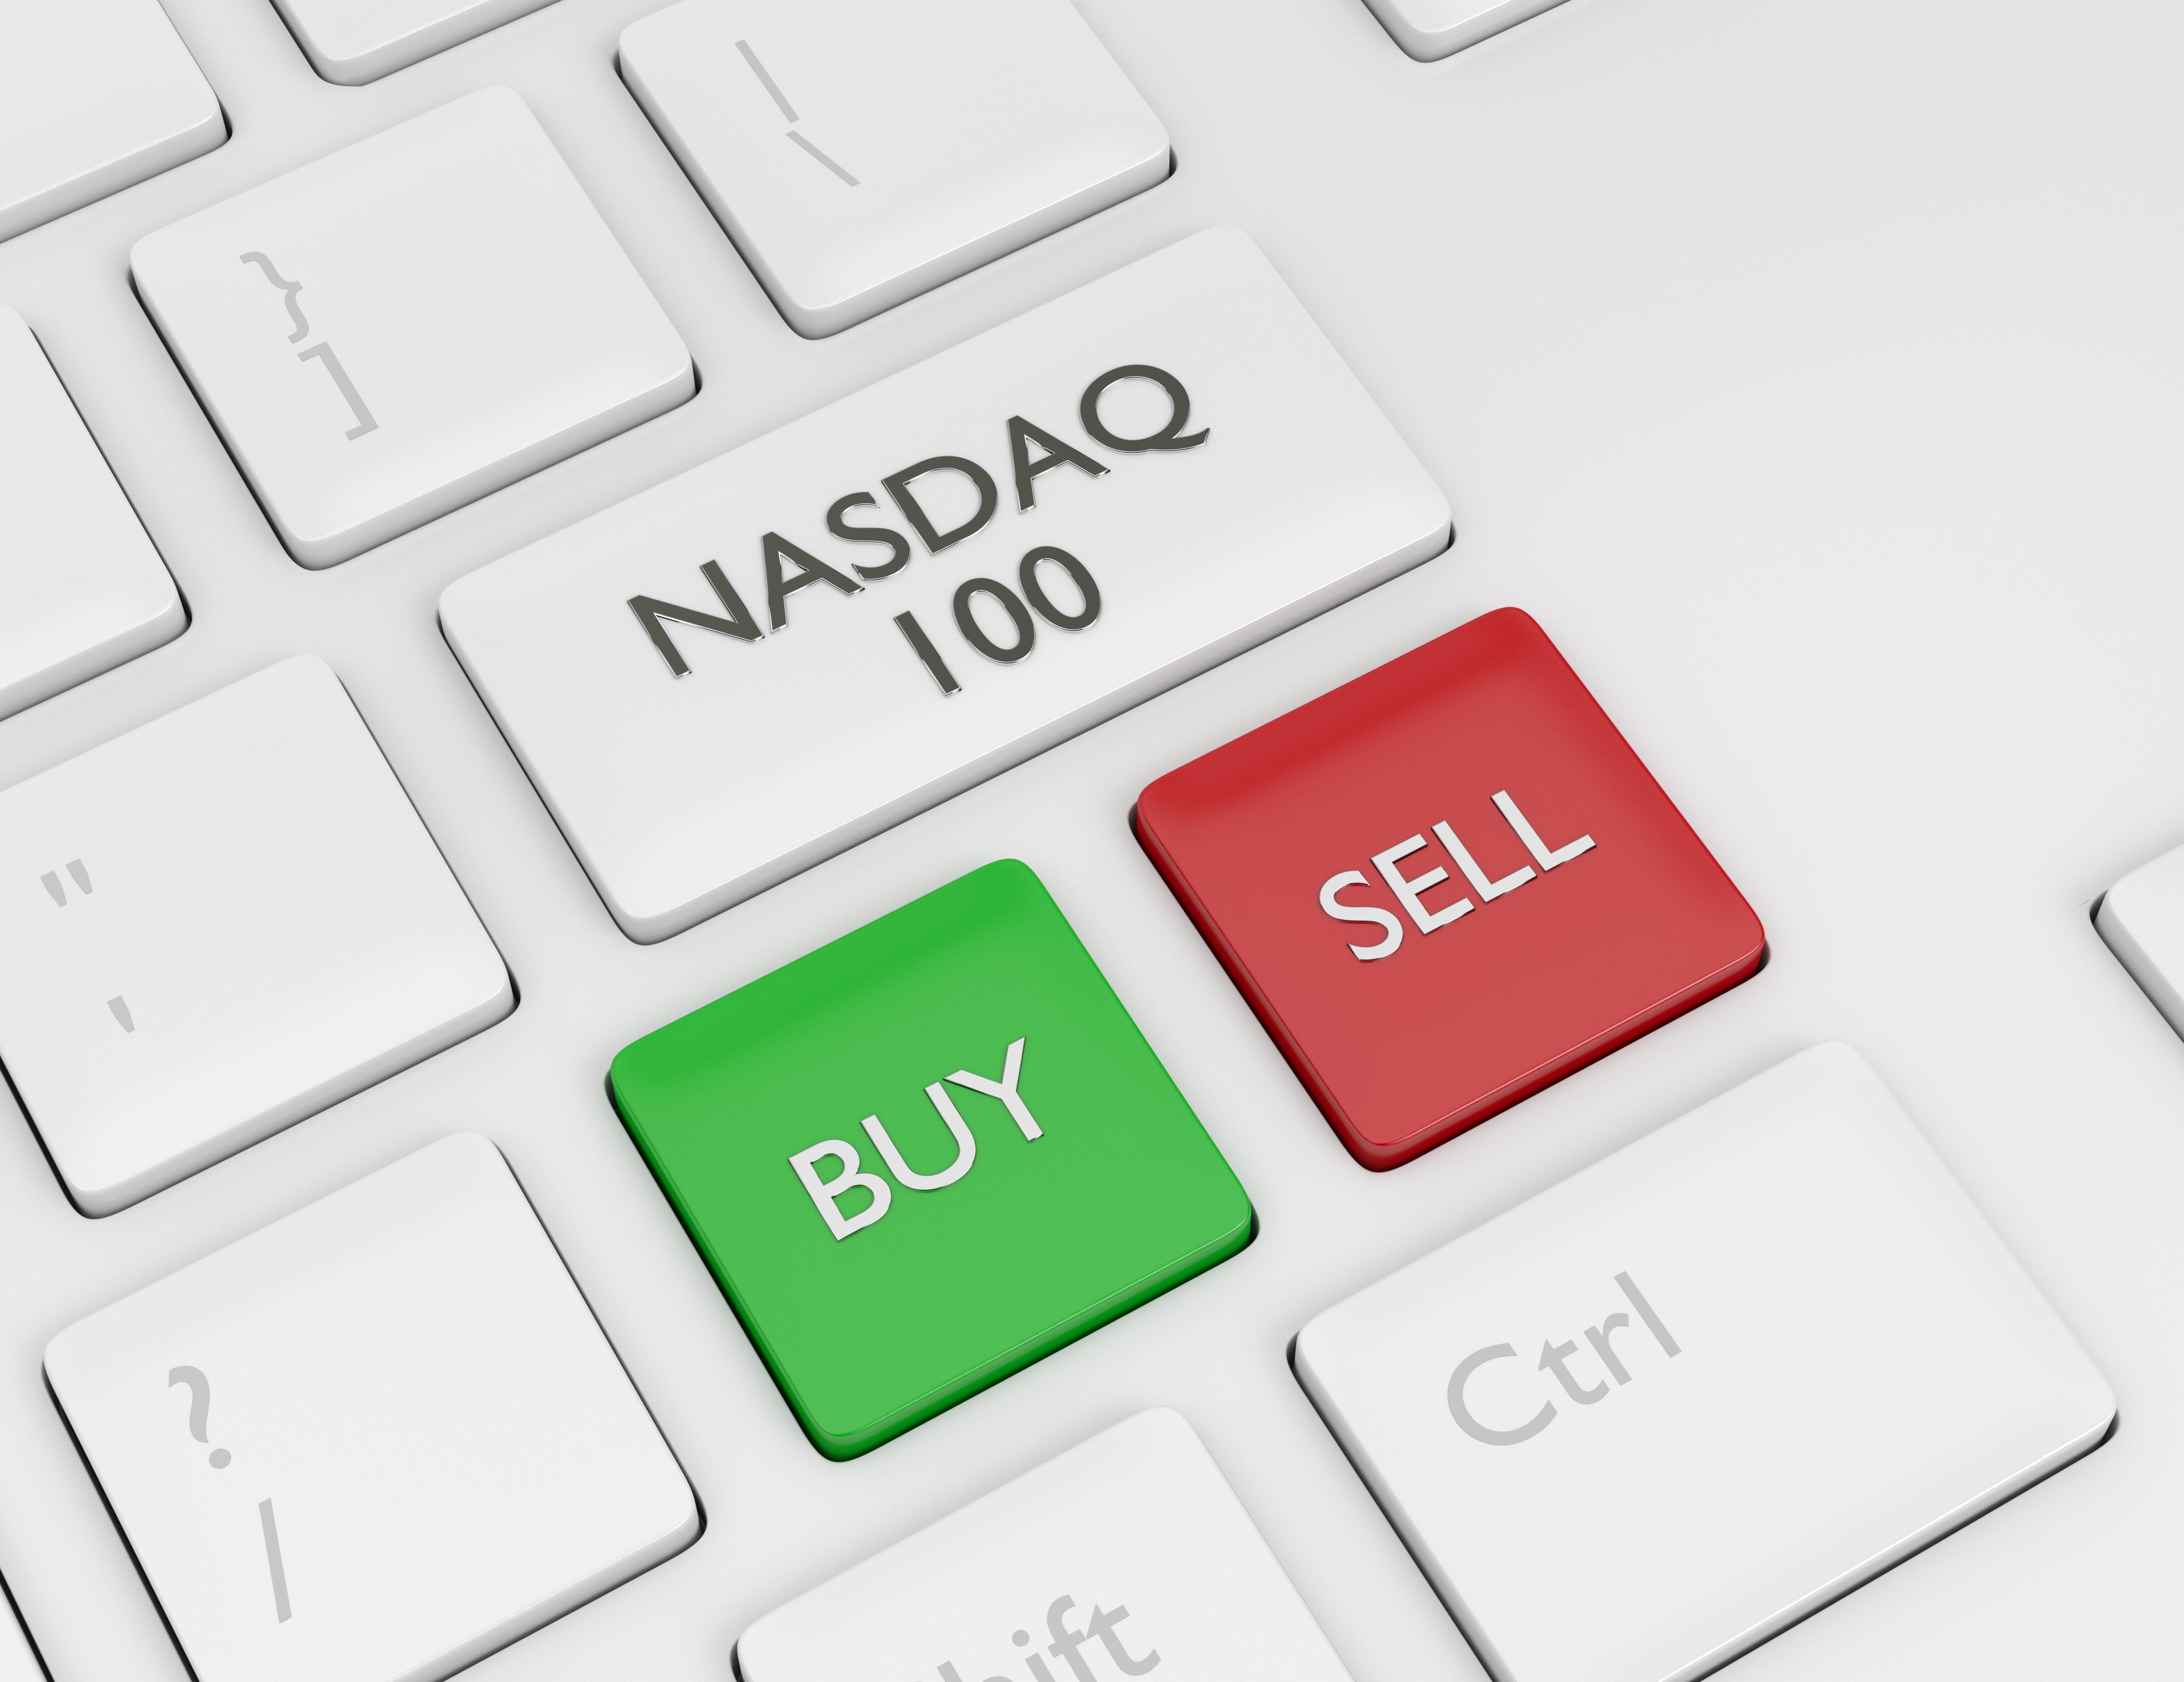 NASDAQ-100 analysis